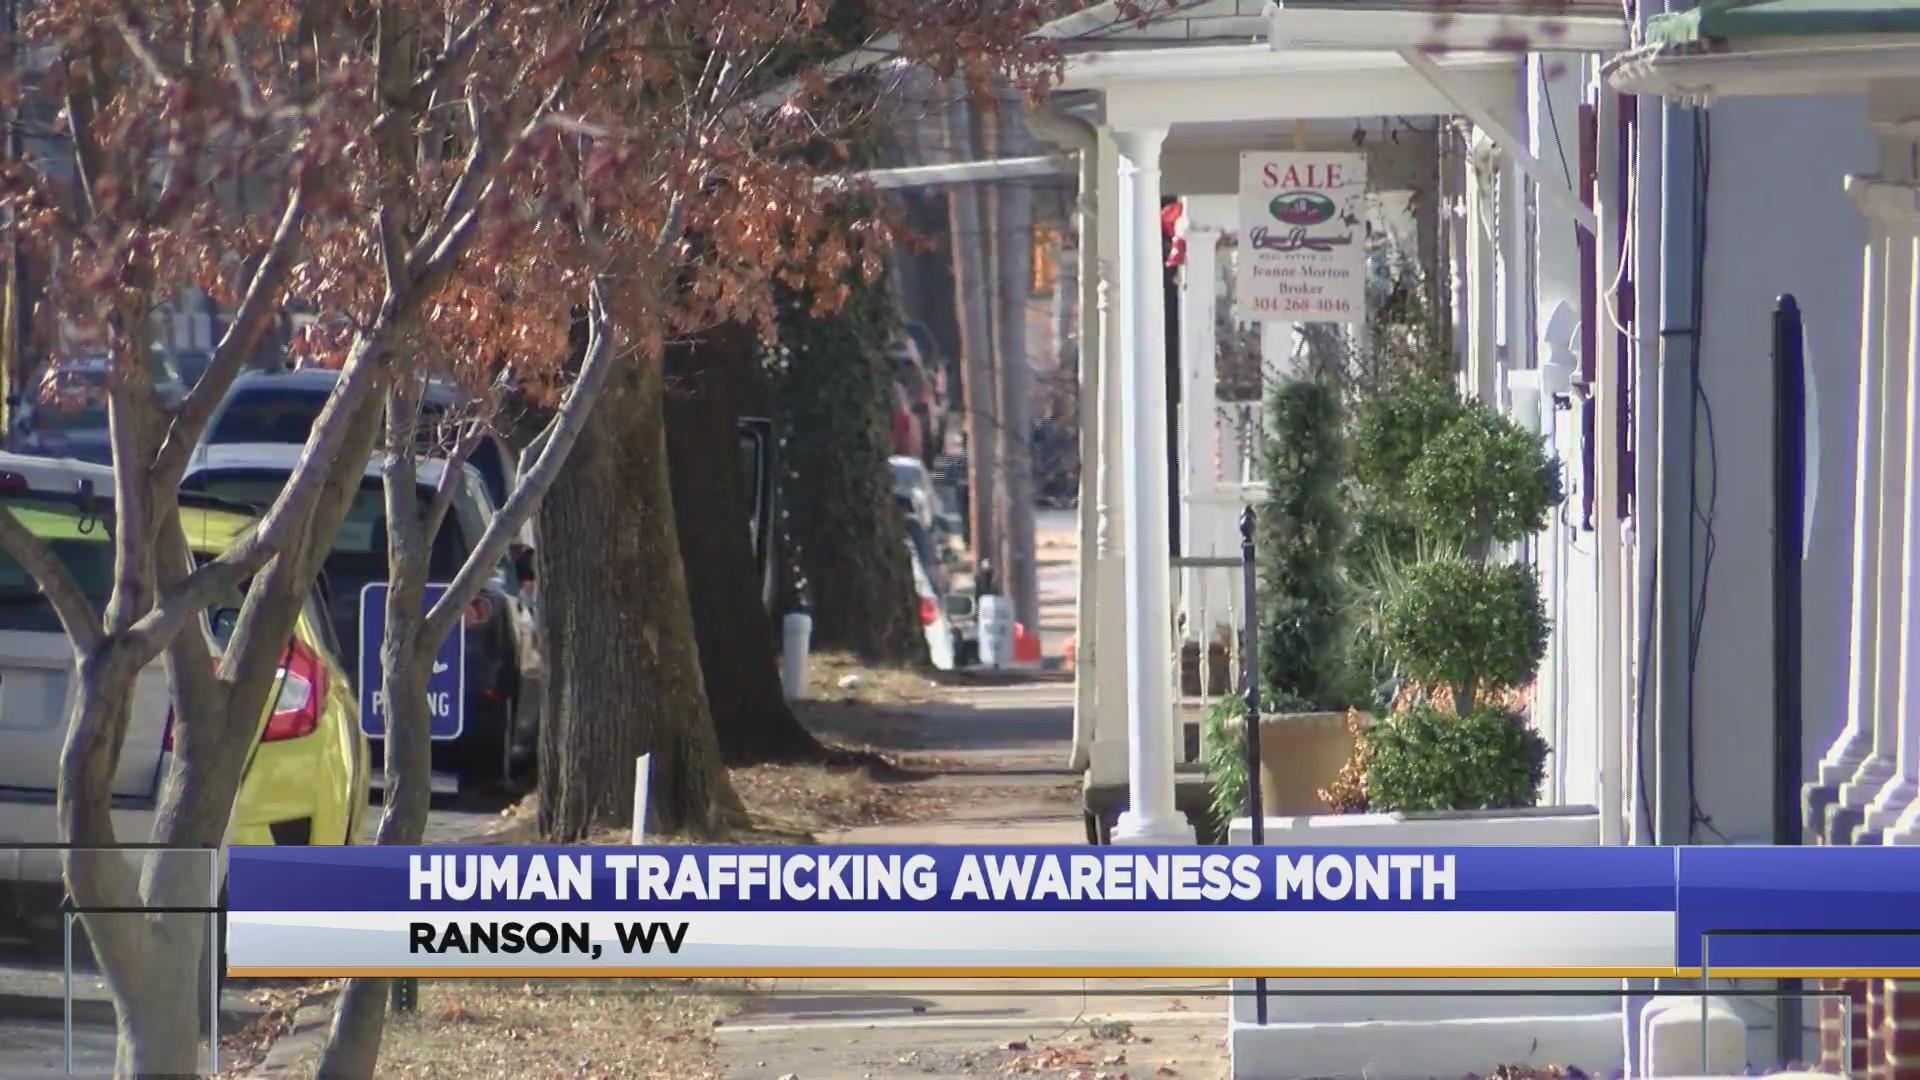 Human_Trafficking_Awareness_Month_0_20180119234516